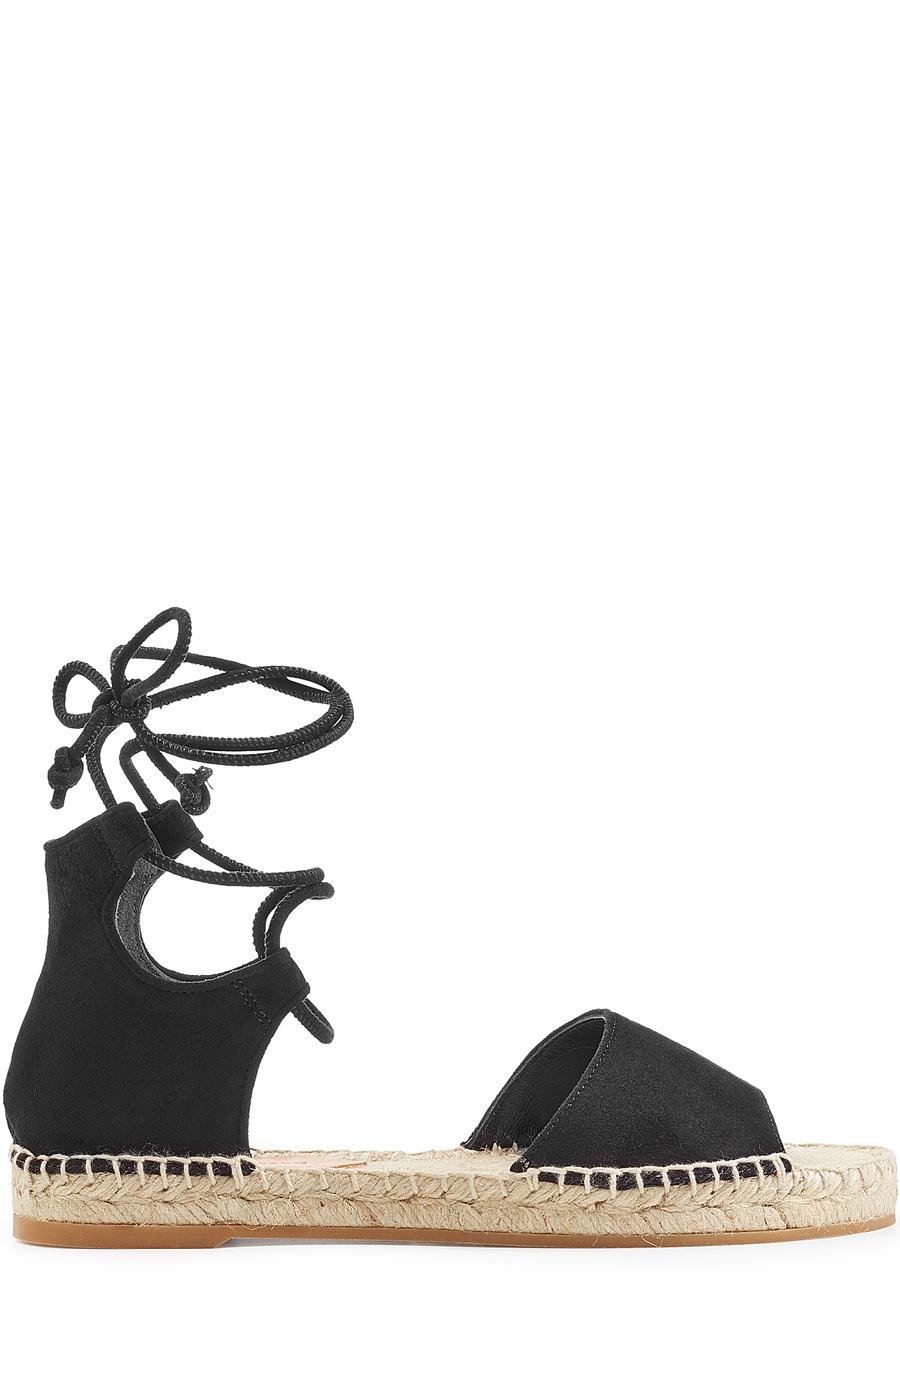 56543cc8d63 Diane Von Furstenberg Dakota Suede Gladiator Espadrille Sandals In Black